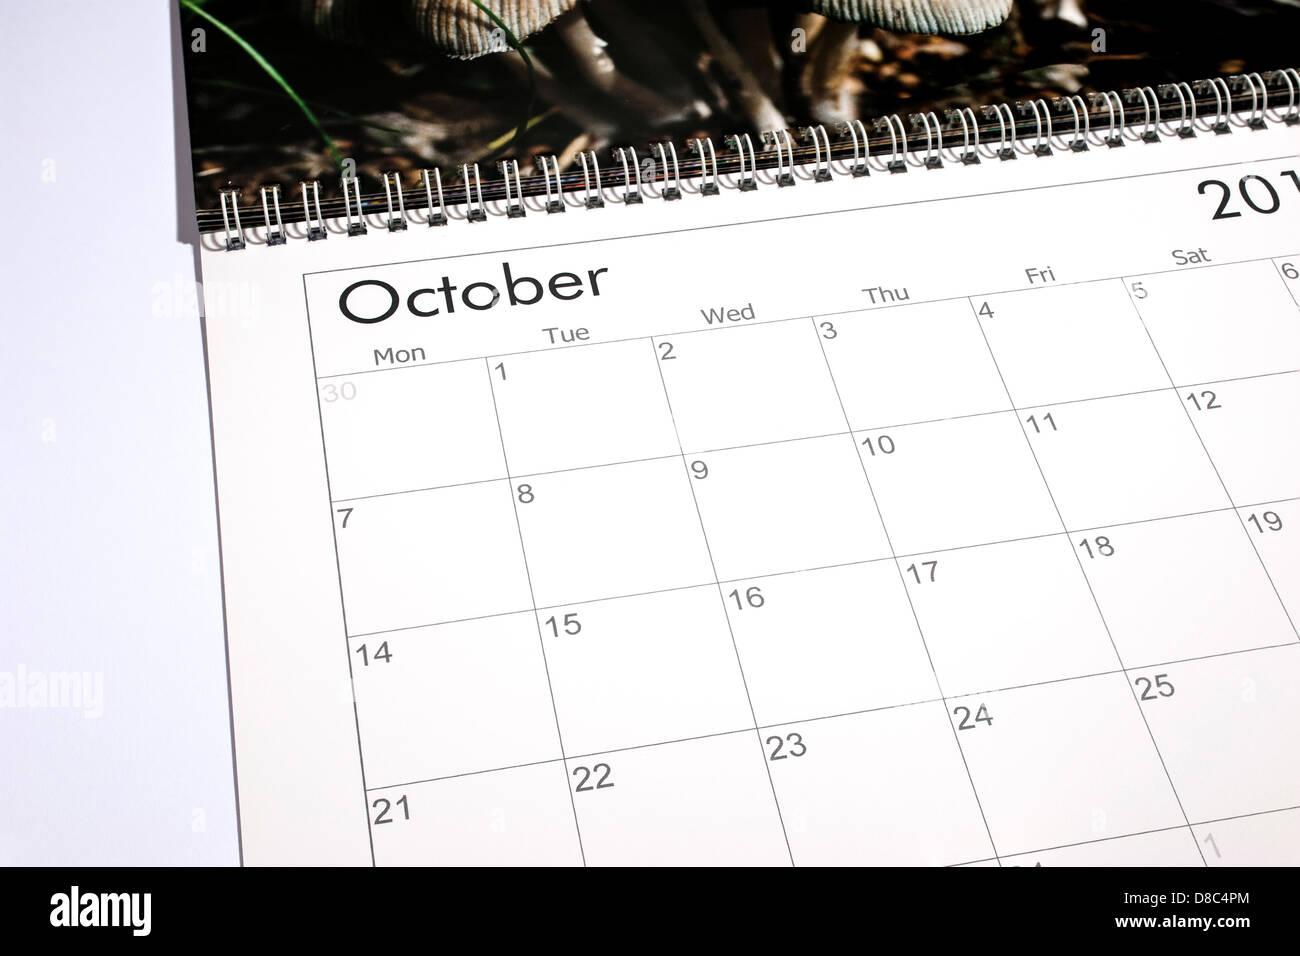 Calendario en blanco página - Octubre de 2013 Imagen De Stock